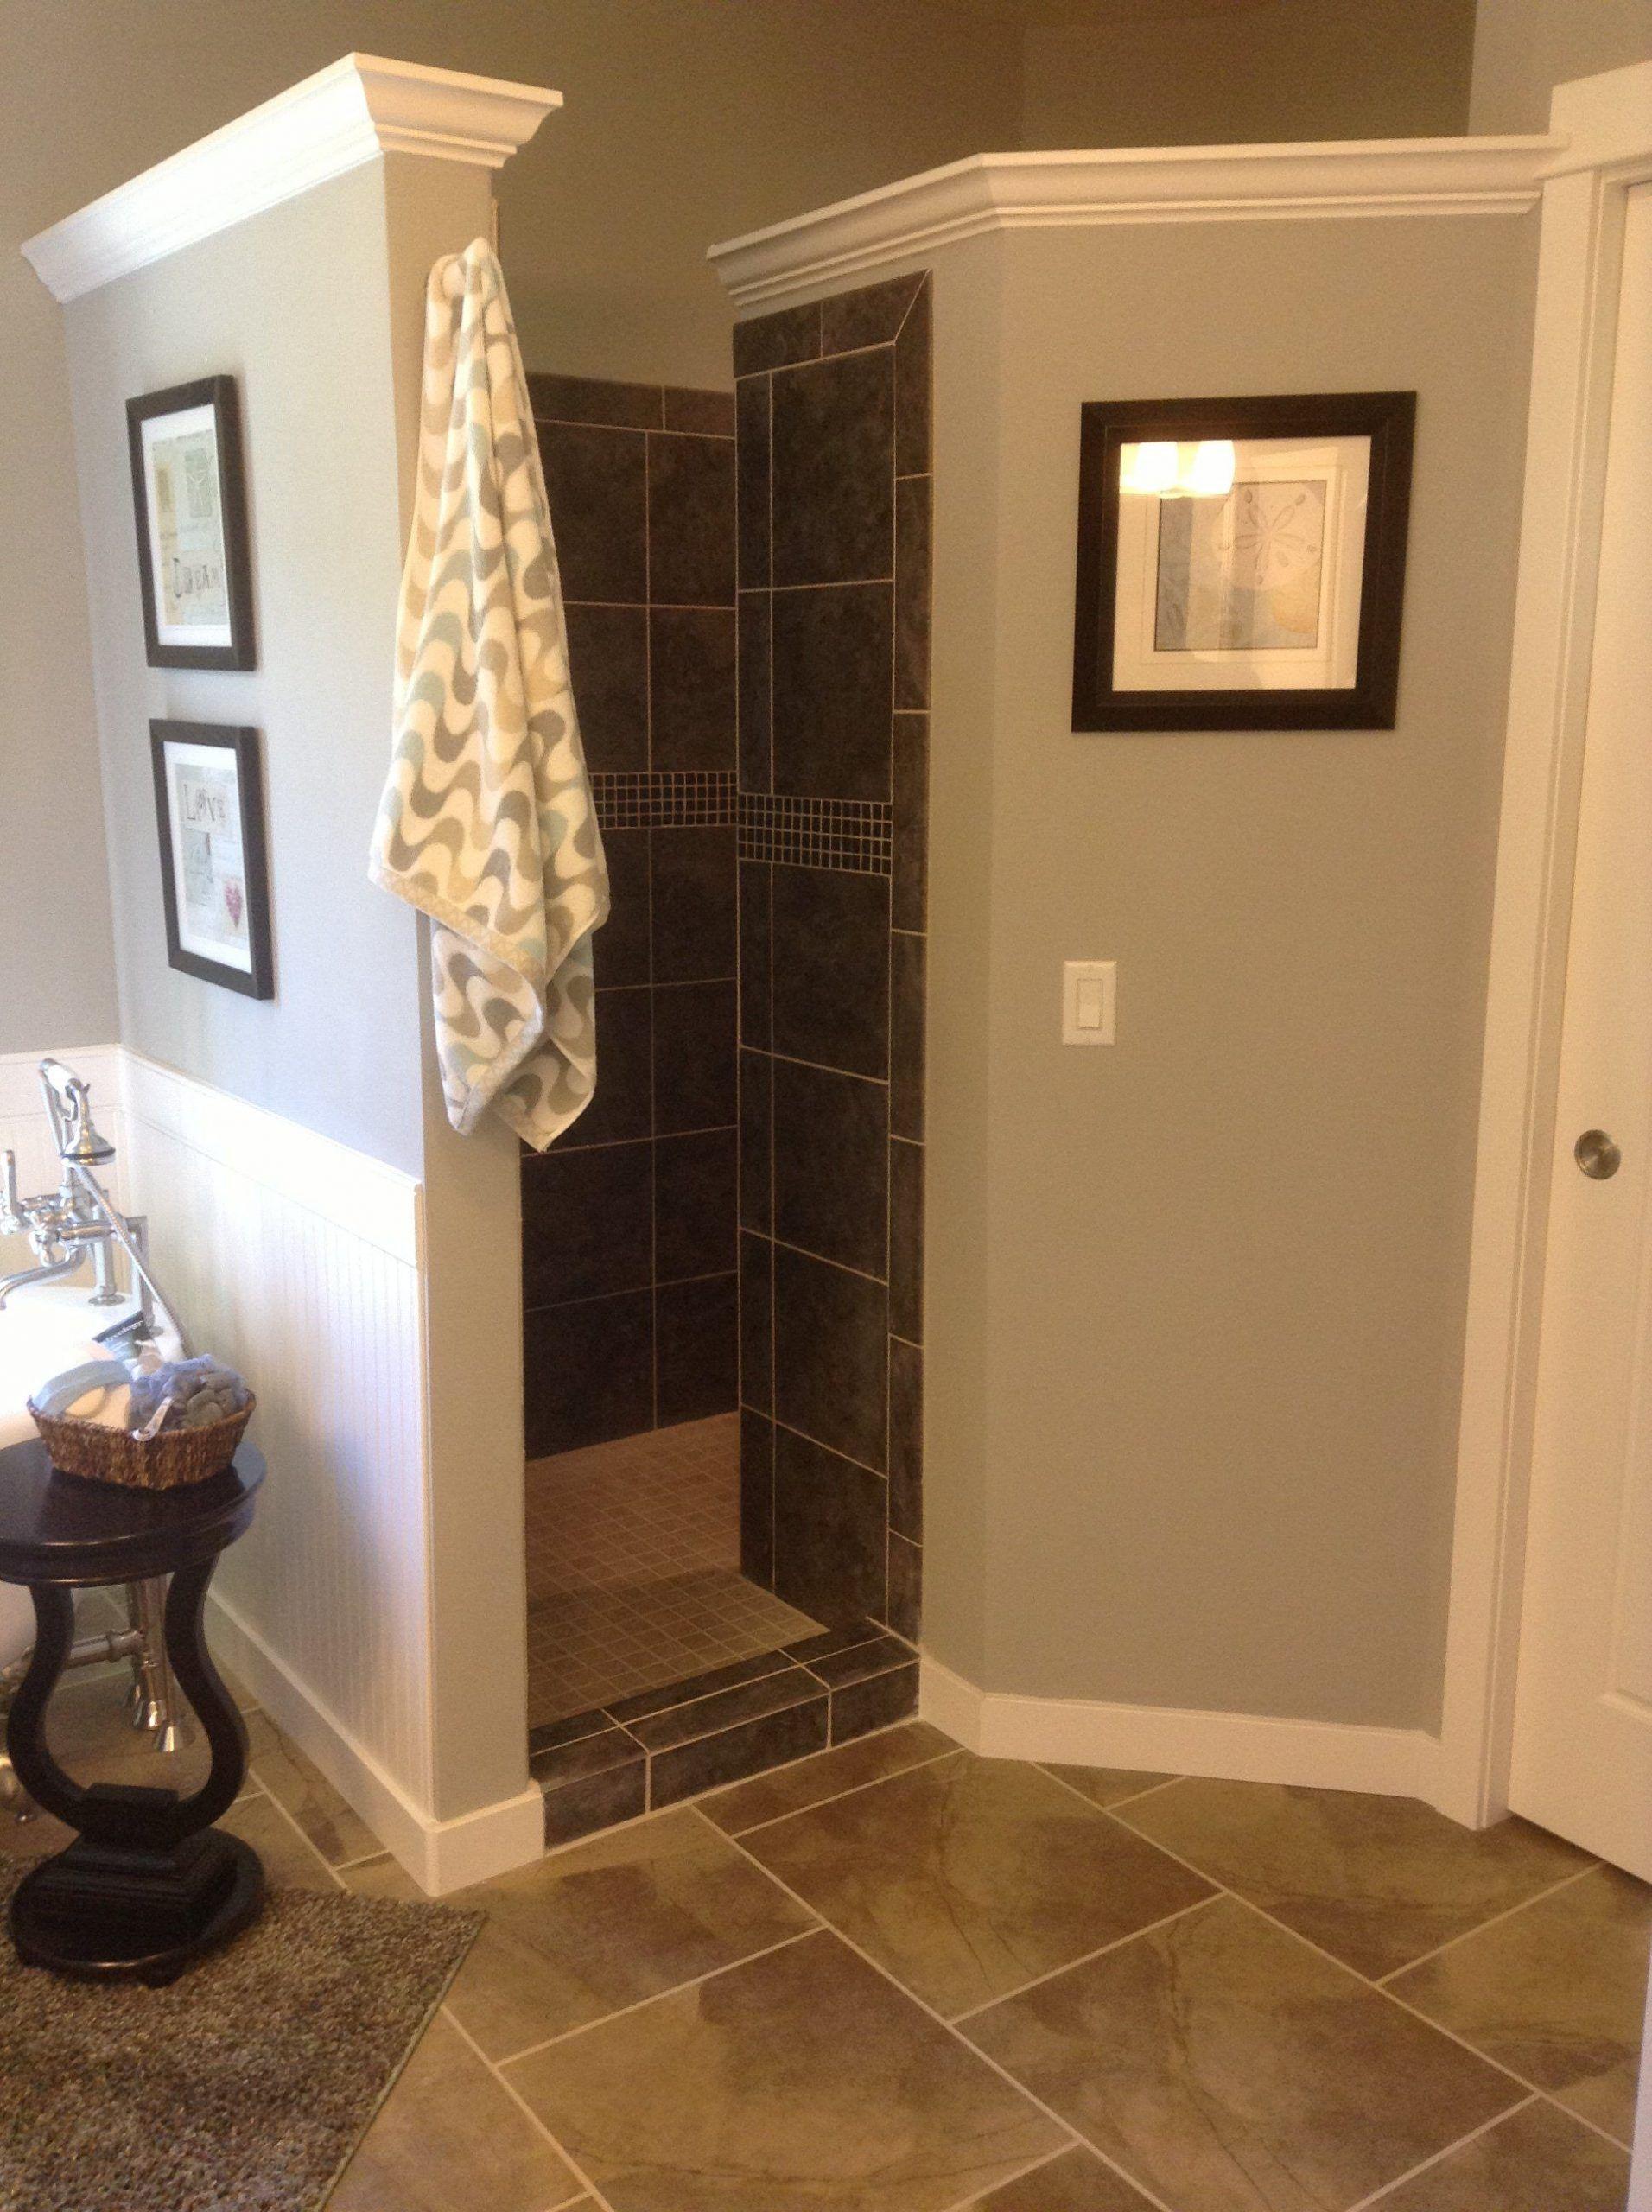 Begehbare Dusche Keine Tur Zum Reinigen So Praktisches Haus Fur Brillante Begehbare Brill In 2020 Bathroom Redesign Master Bathroom Shower Bathroom Remodel Master